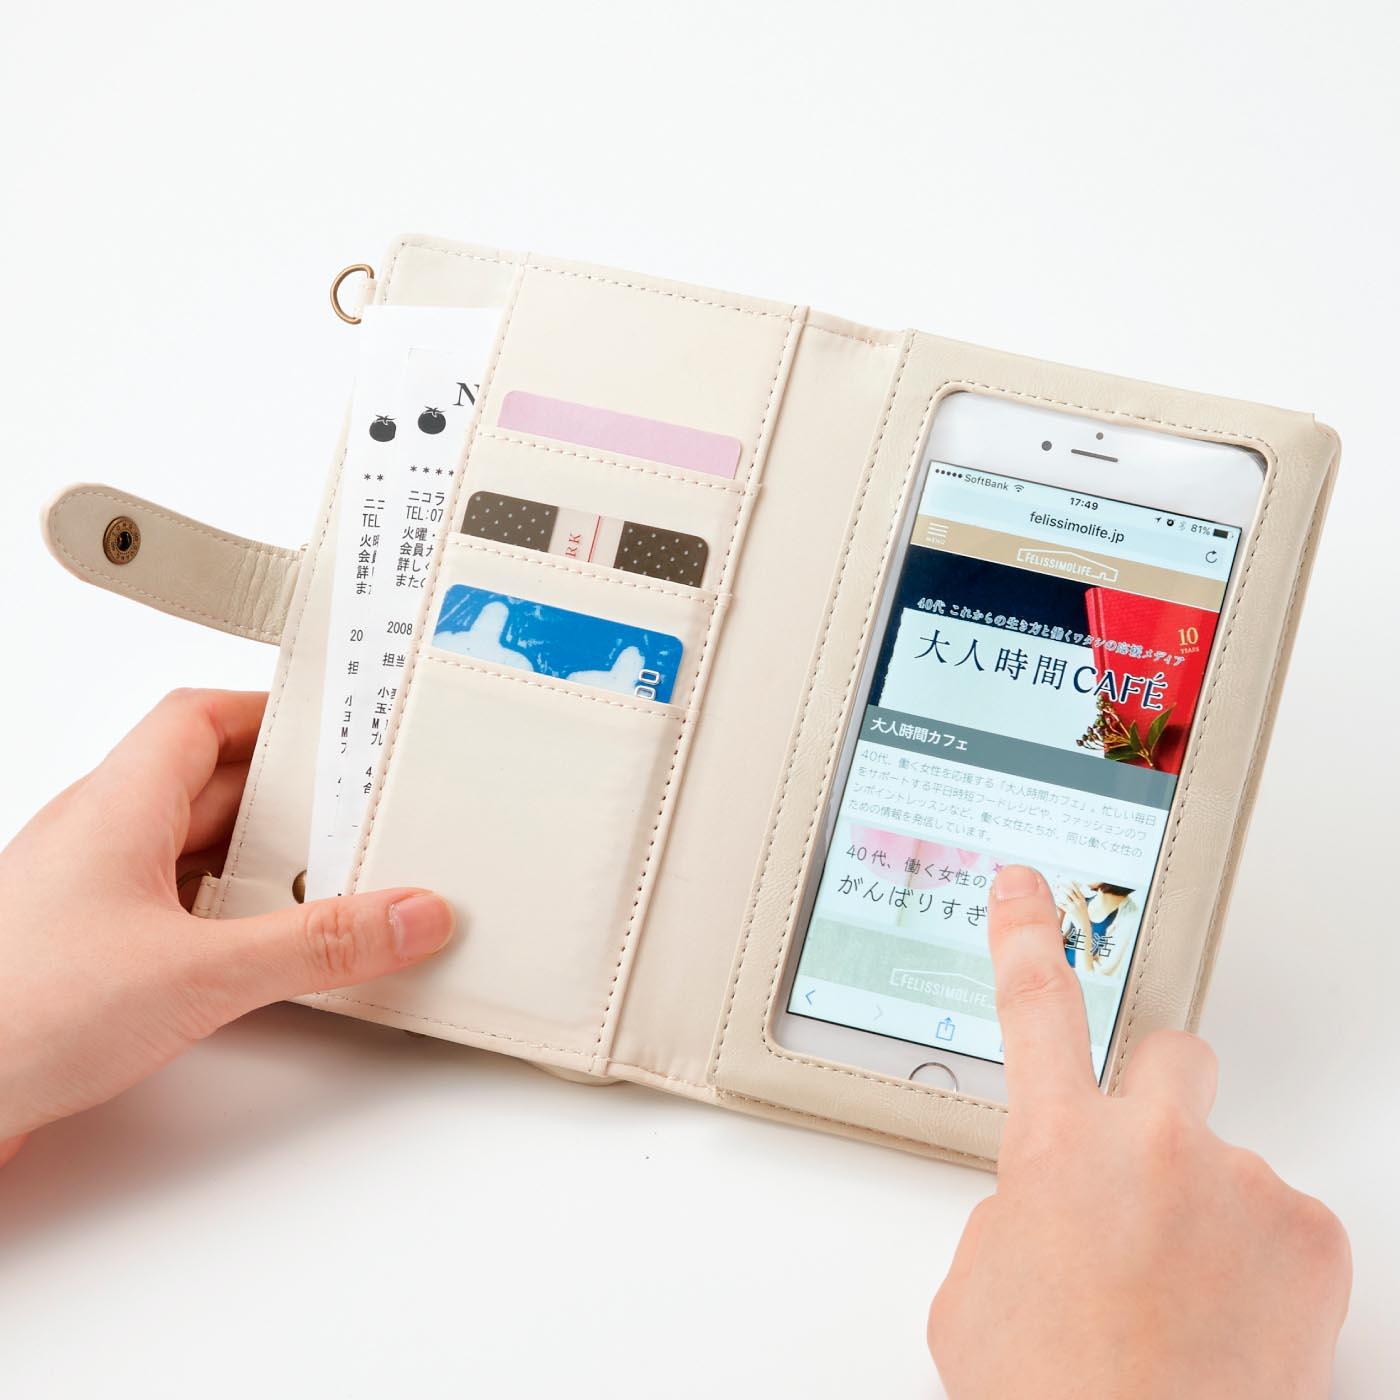 スマートフォンを入れたまま操作OK。対面にはICカードや、切符、レシートなどを収納。